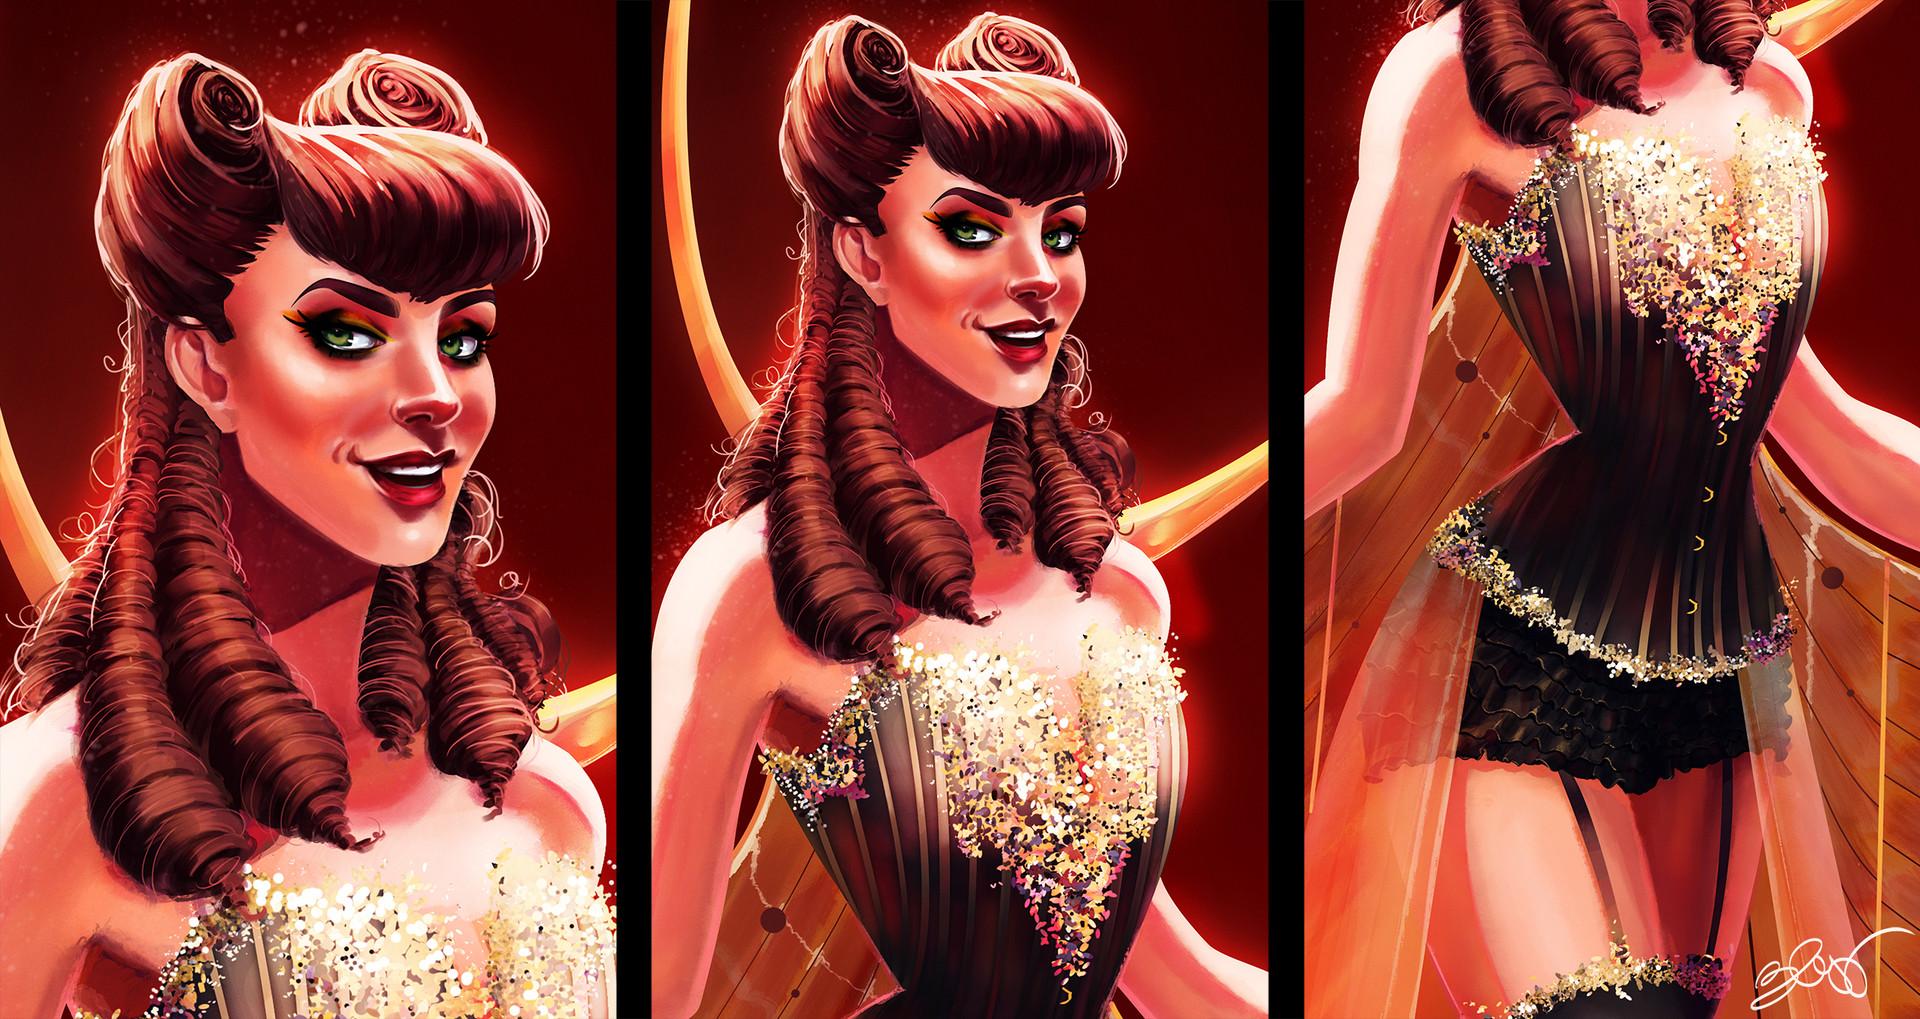 Elisa cella burlesque elisa cella close up